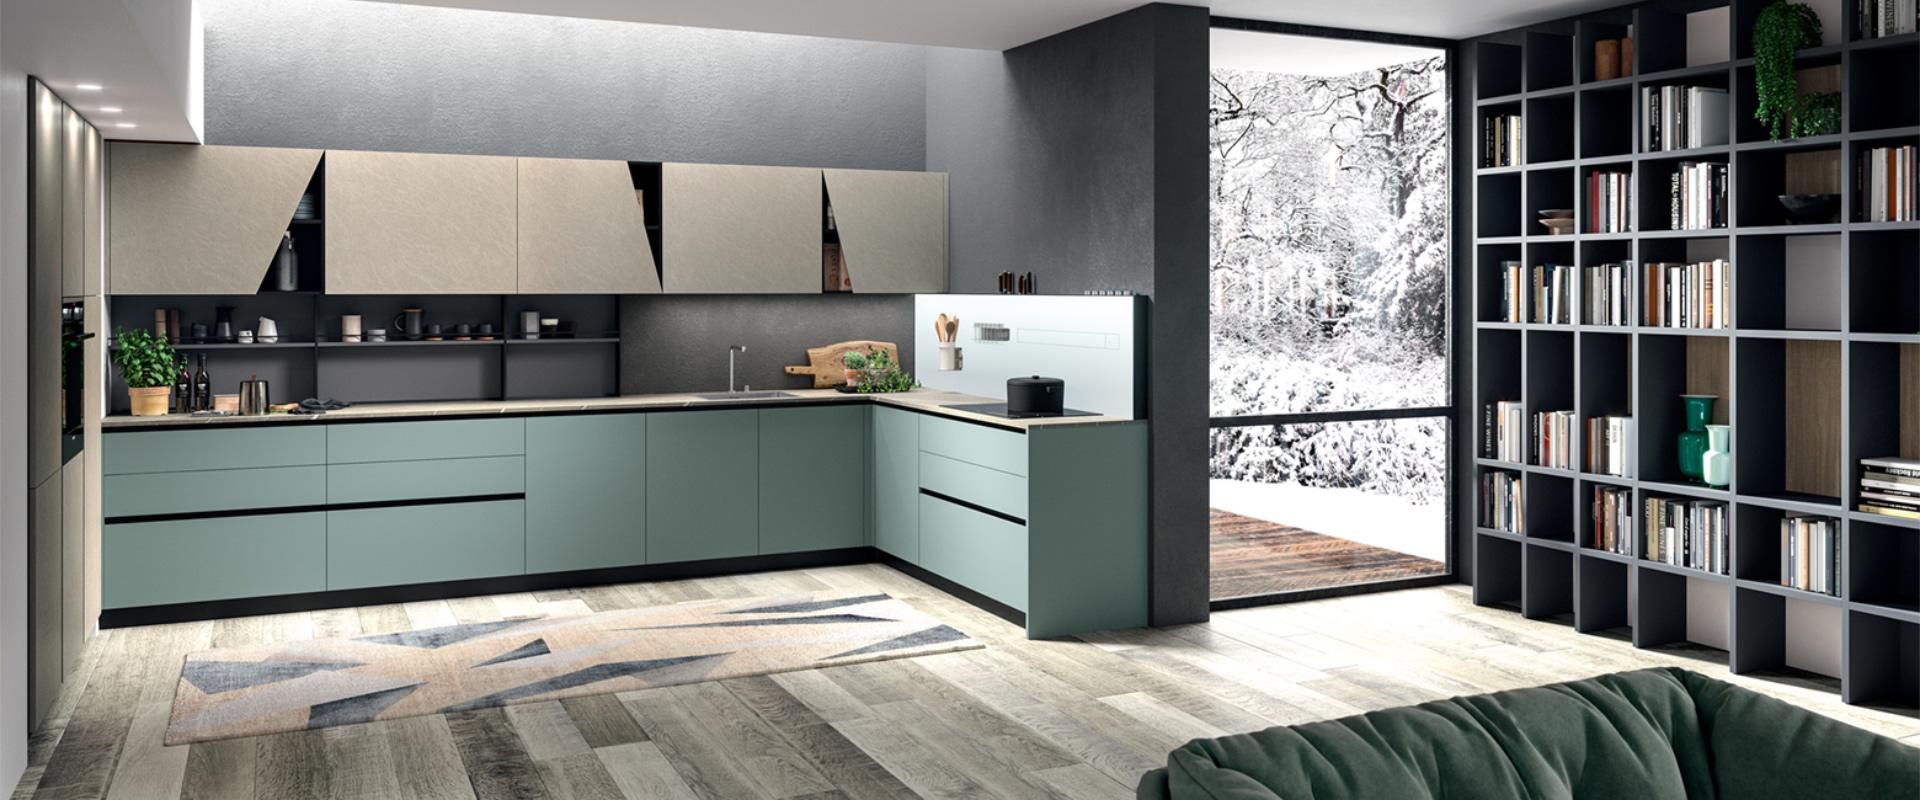 Cucine design cesena cucine moderne cesena - Cucina aran mia ...